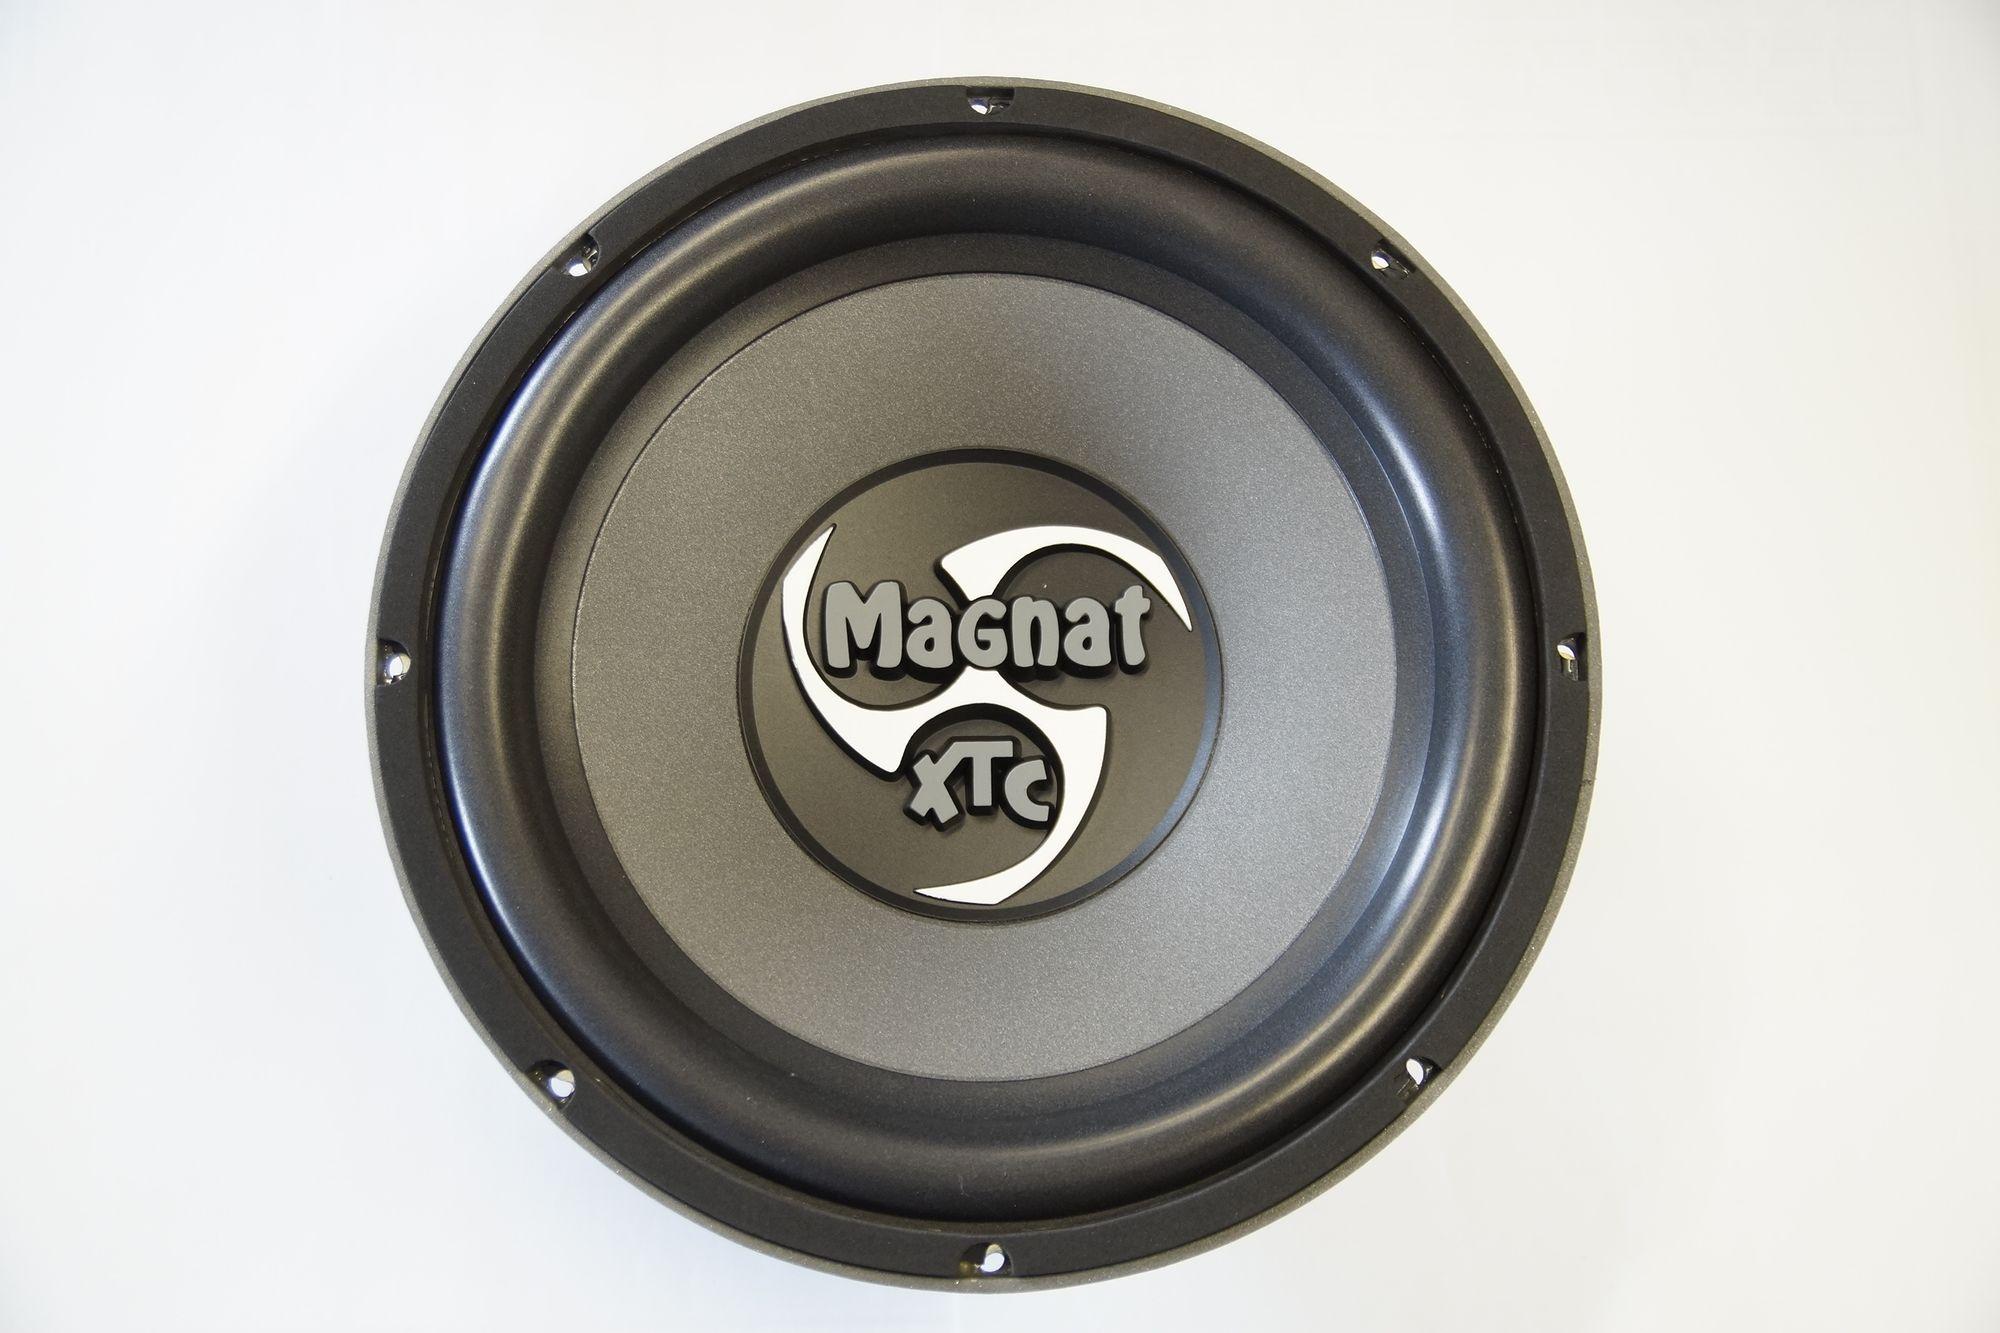 1 Stück Magnat XTC Reflex ONE, 500 Watt max., NEU 001